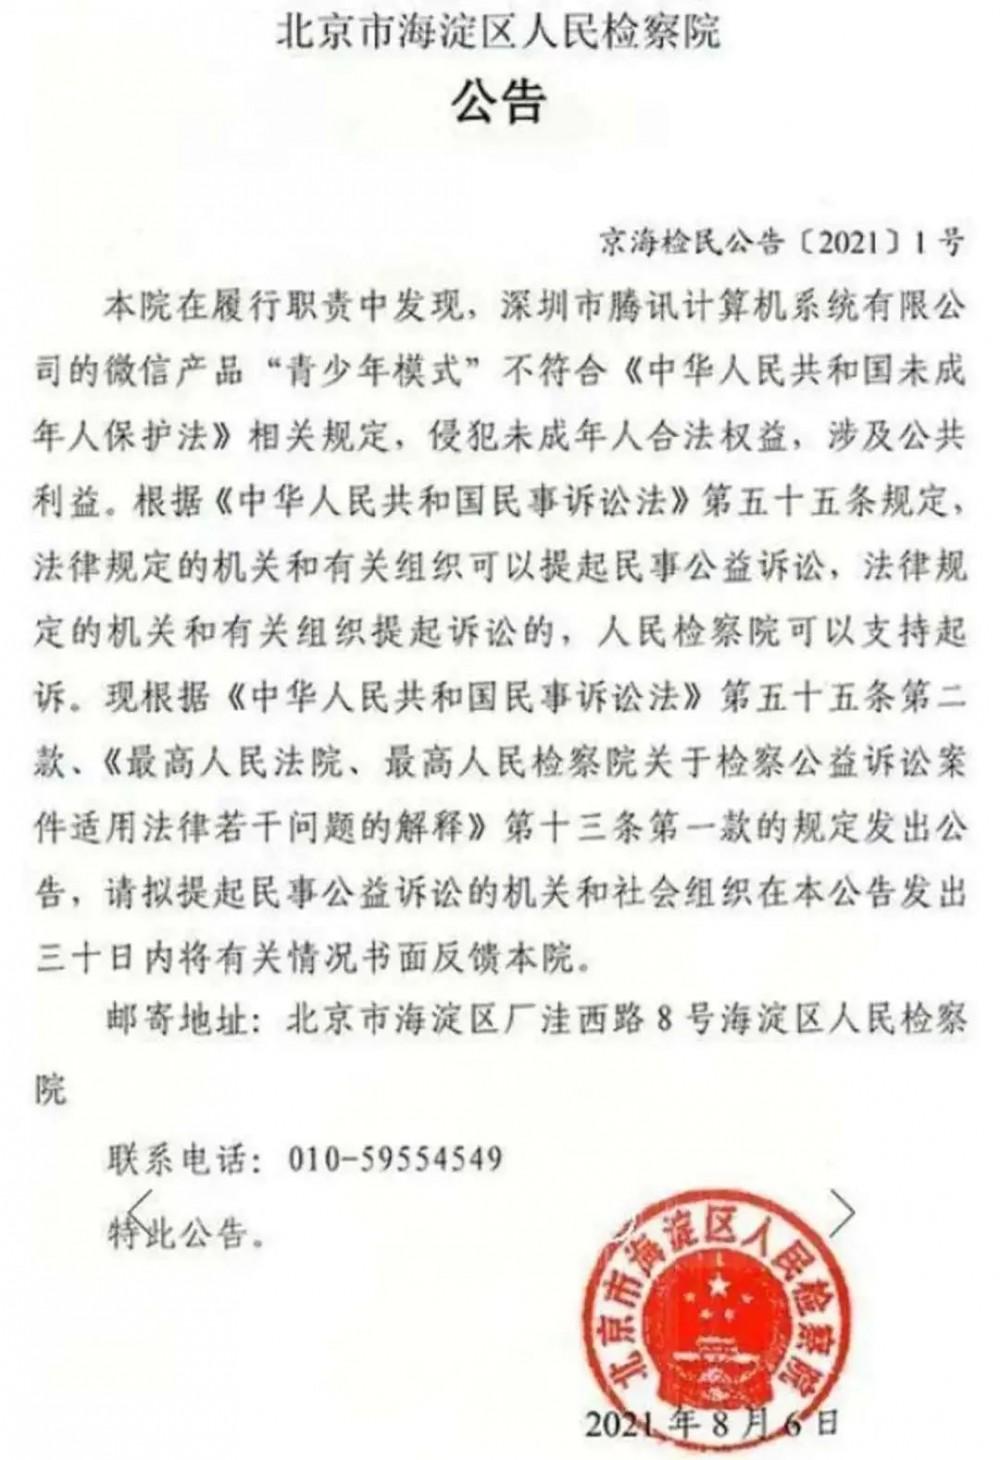 腾讯微信青少年模式翻车,被检察院起诉(未成年人网络沉迷问题一直都备受关注)插图(9)